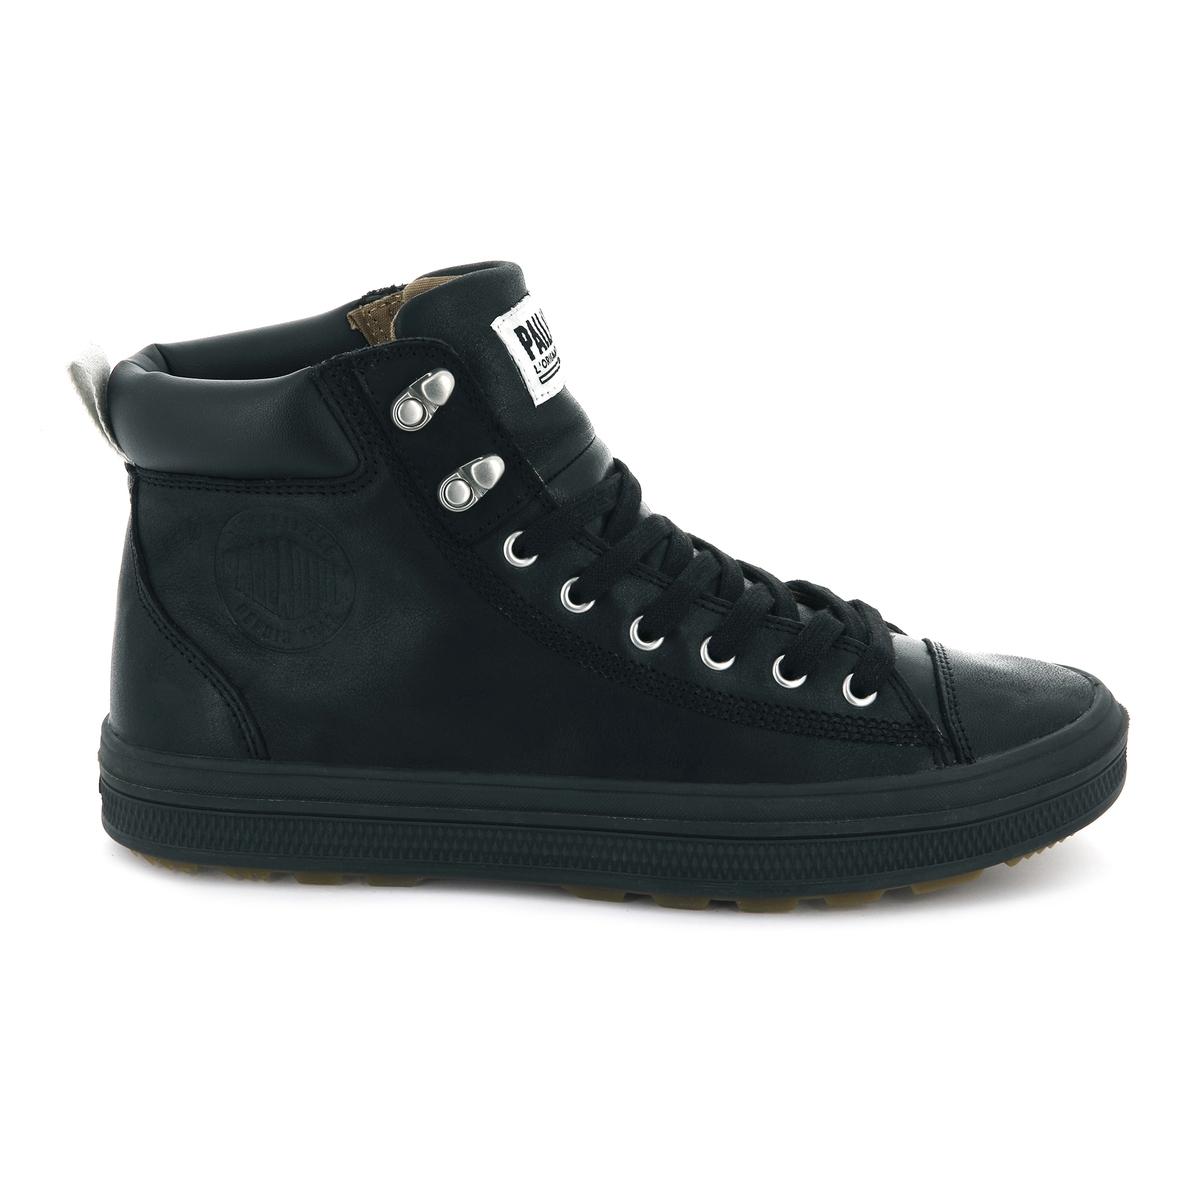 Кеды высокие кожаные Sub Mid Cuff ботинки высокие palladium pampa sport cuff wp amber gold mid gum